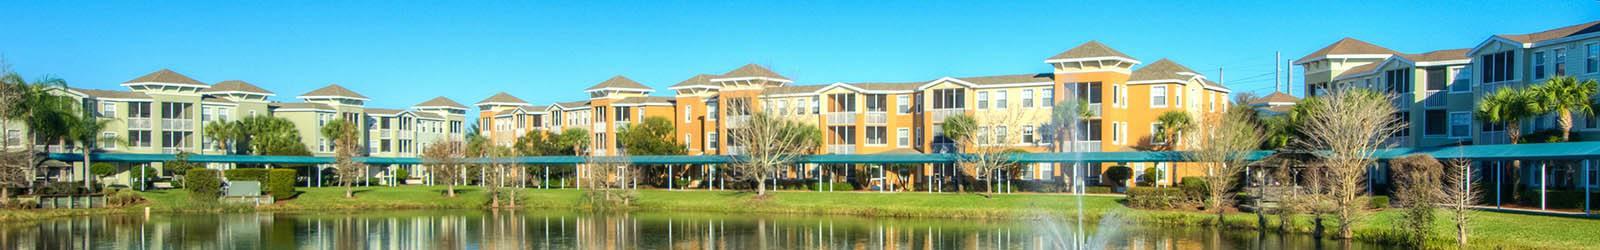 Senior Living in Bonita Springs FL